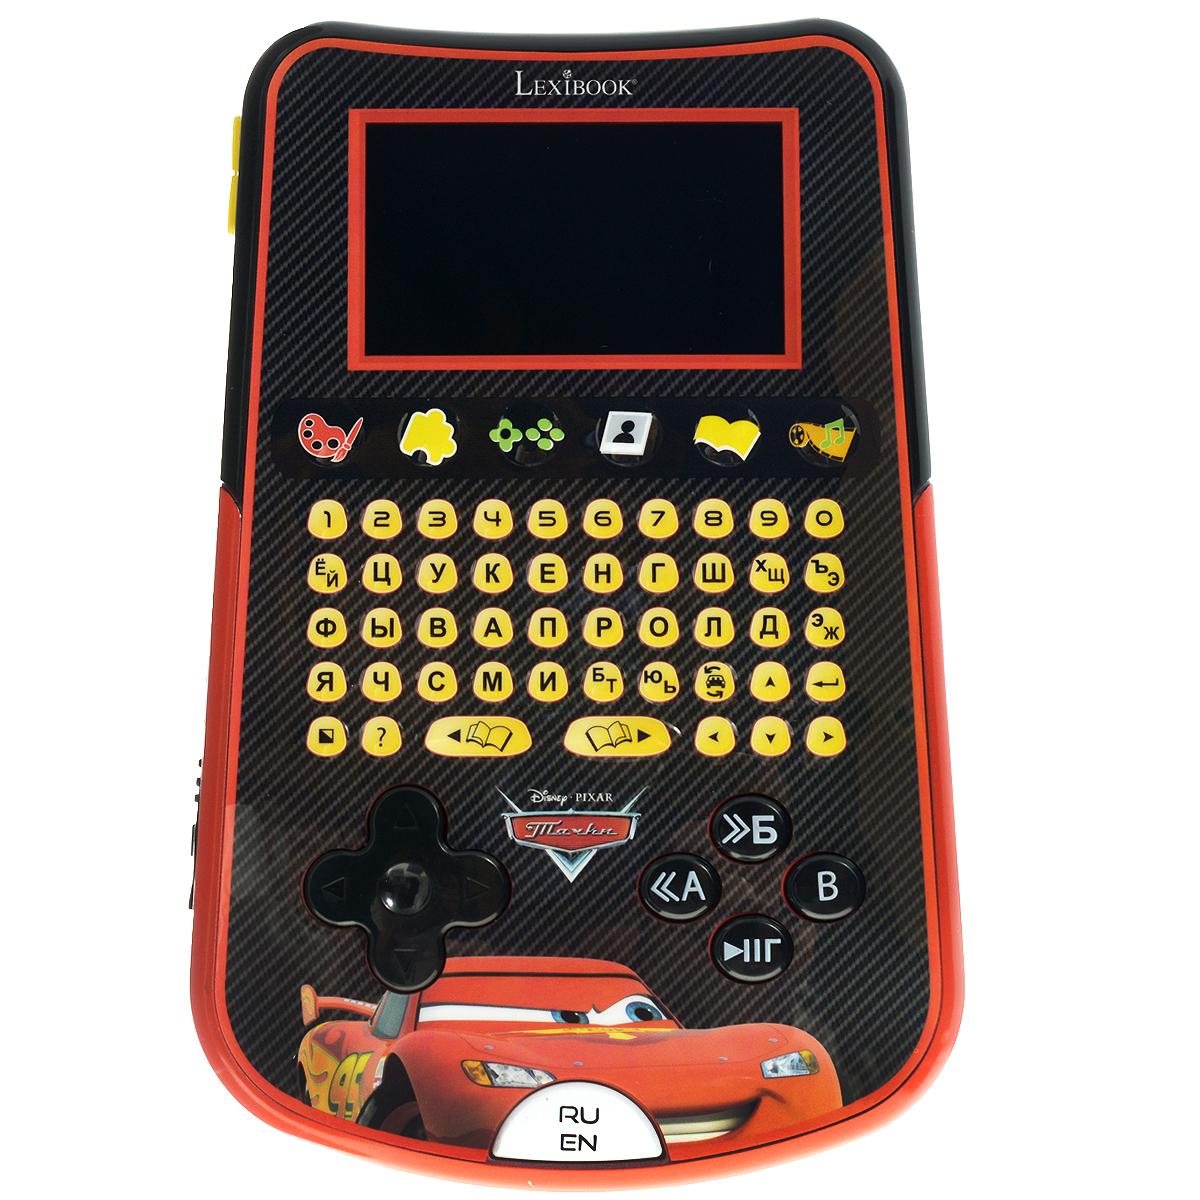 Компьютер планшетный детский Lexibook Тачки планшеты turbopad планшетный компьютер turbopad 712 new